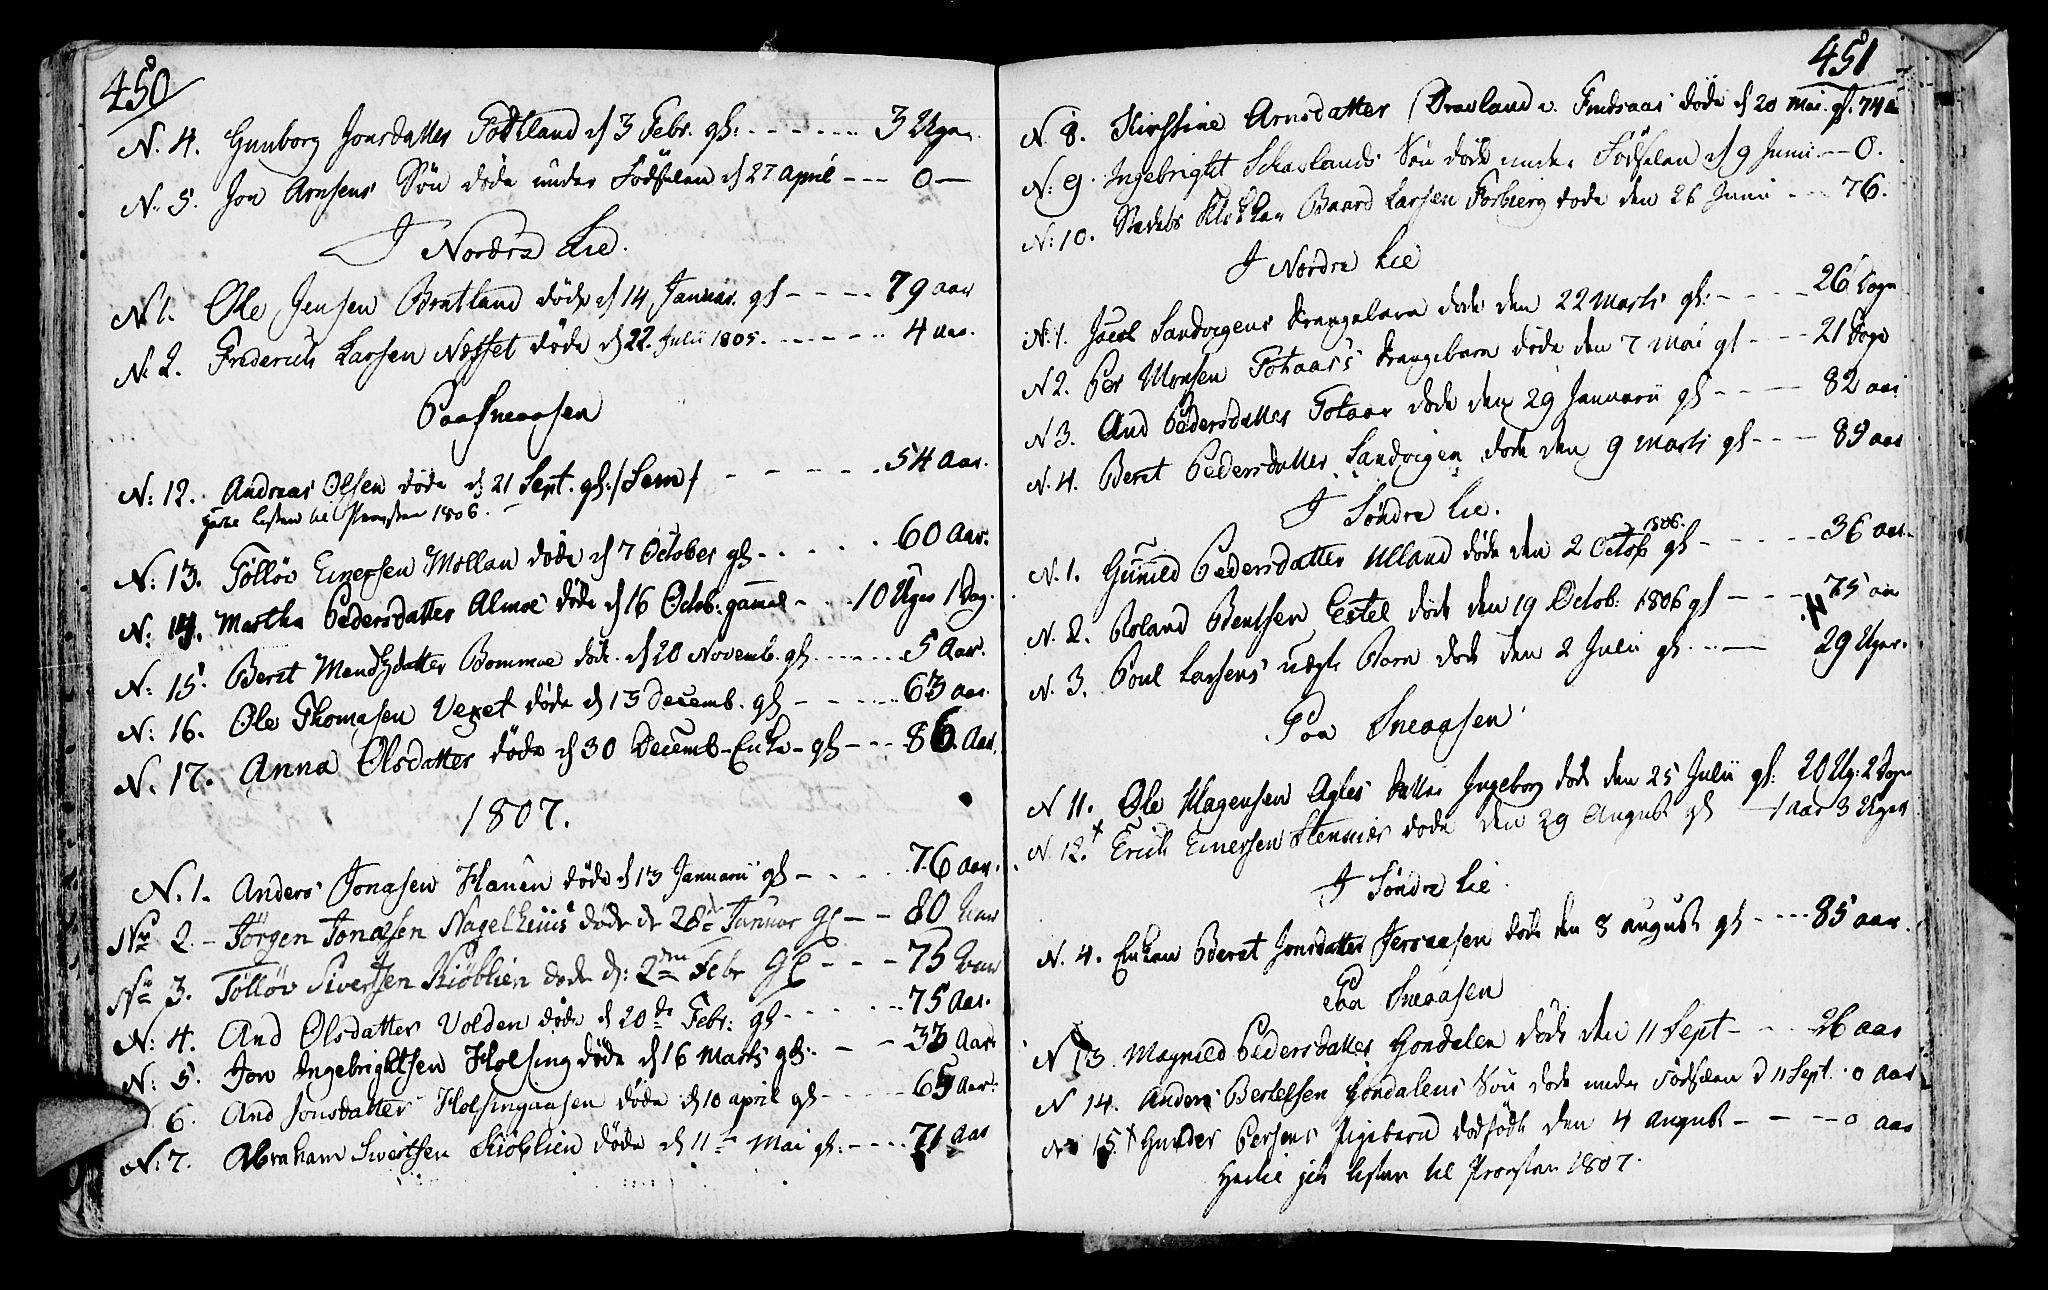 SAT, Ministerialprotokoller, klokkerbøker og fødselsregistre - Nord-Trøndelag, 749/L0468: Ministerialbok nr. 749A02, 1787-1817, s. 450-451